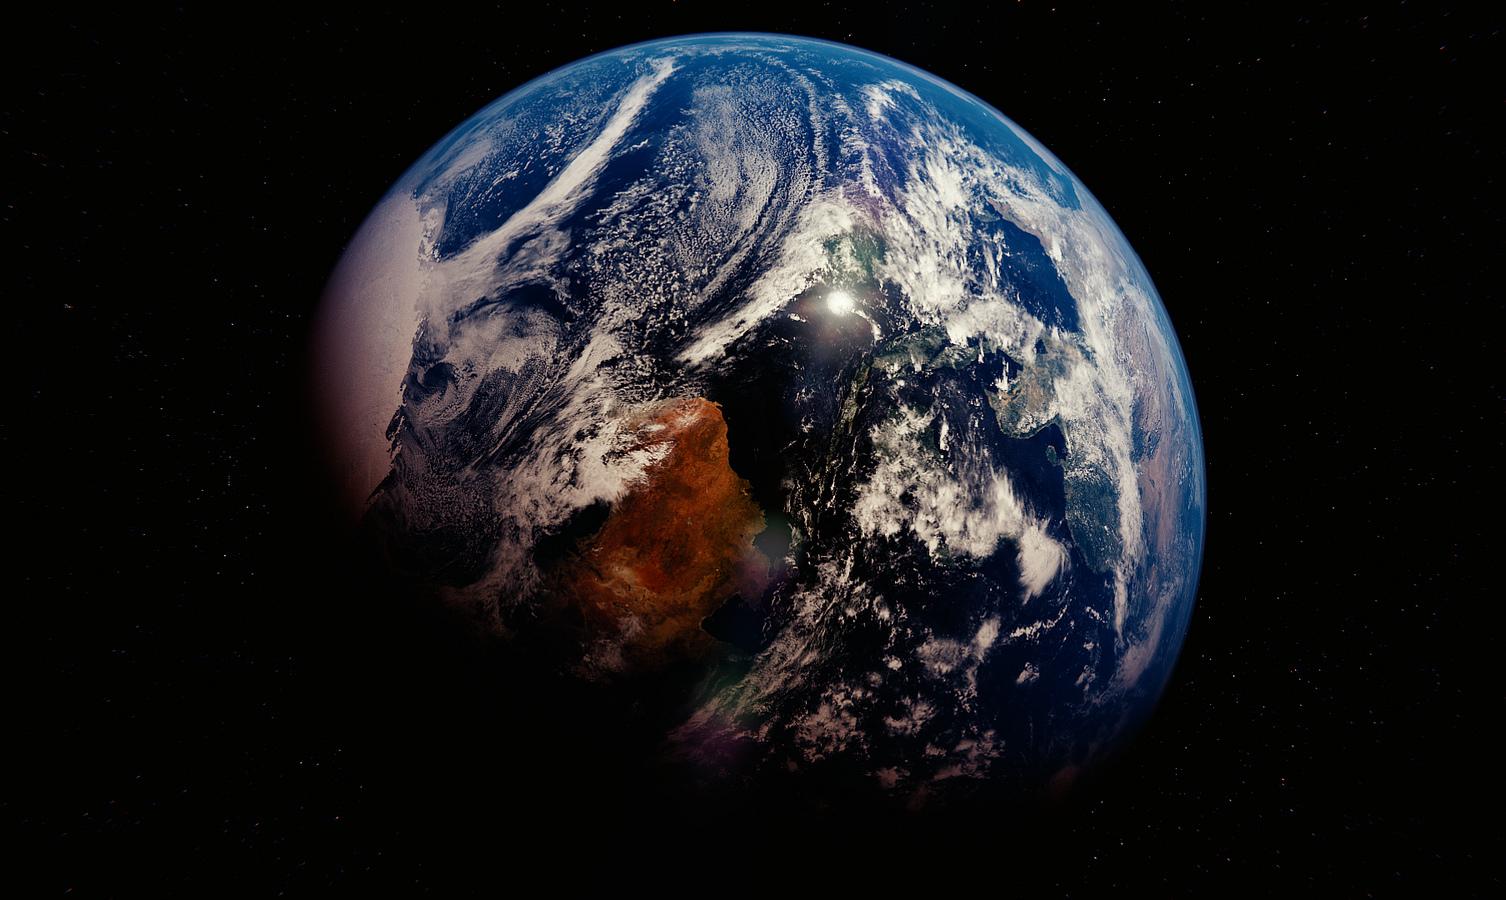 !BASTA¡ destruccion planeta tierra,oceanos - ¿TIENES LA SOLUCIÓN?O ERES PARTE DEL PROBLEMA.Actuamos como un gran equipo para salir de esto !